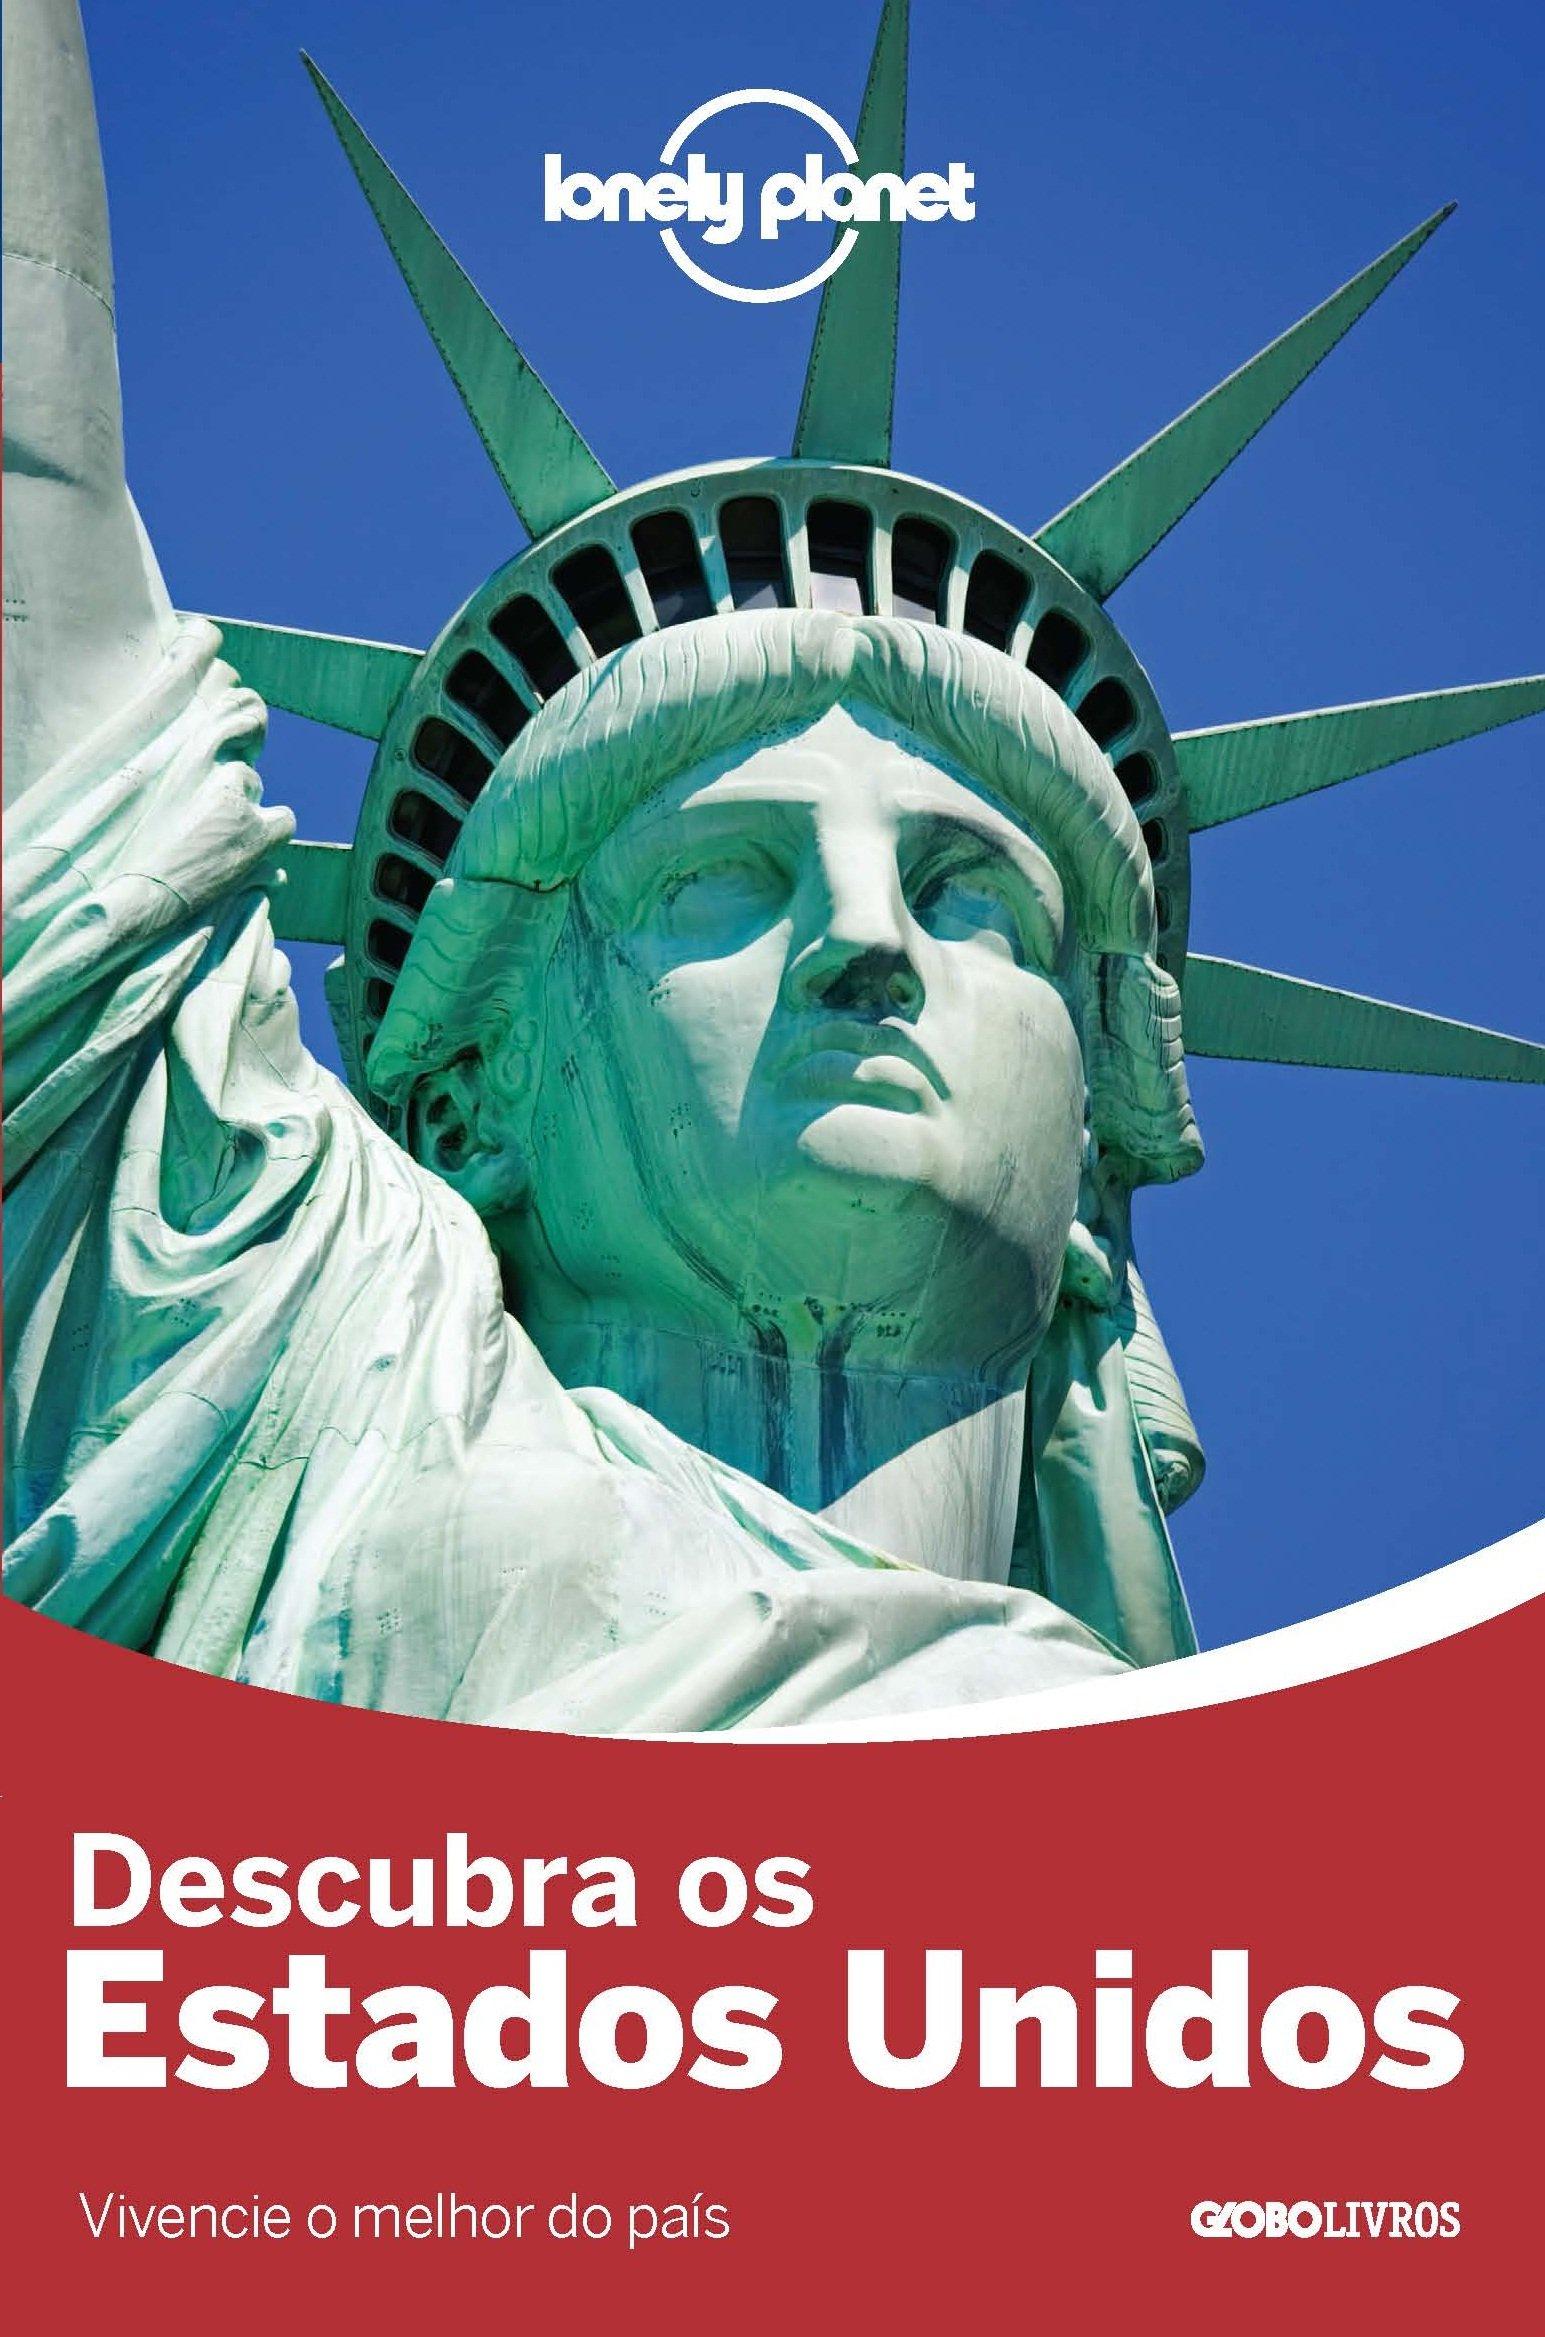 Lonely Planet - Descubra Os Estados Unidos (Em Portugues do Brasil) pdf